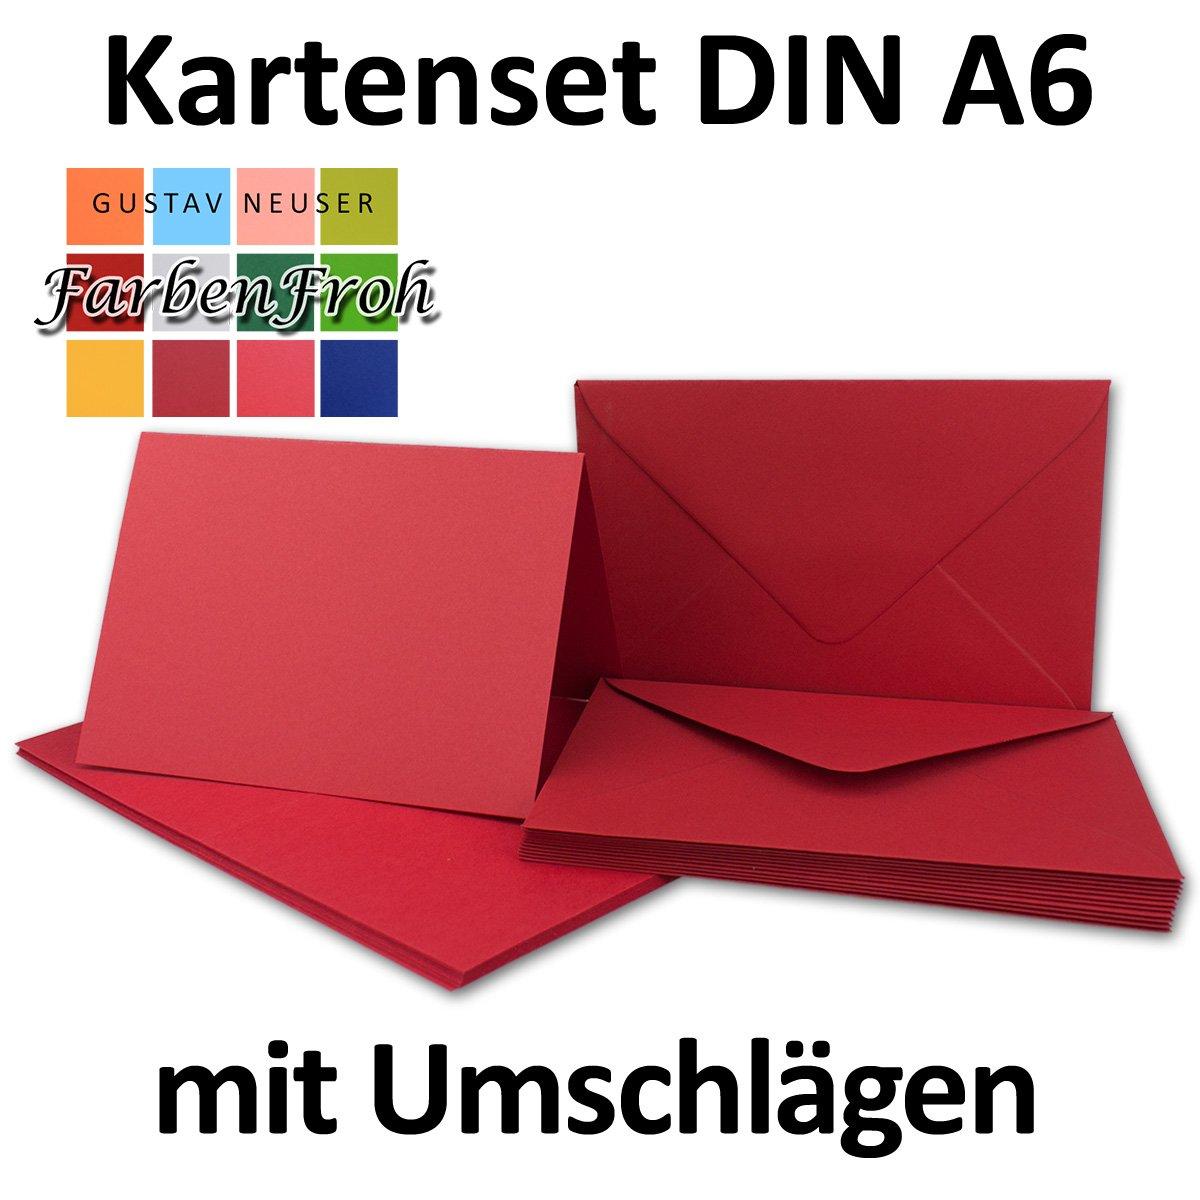 senza scatola 40 Karten-Sets rosso rose Set/di cartoncini pieghevoli formato DIN A6 con buste in formato DIN C6 dotate di bordo da inumidire